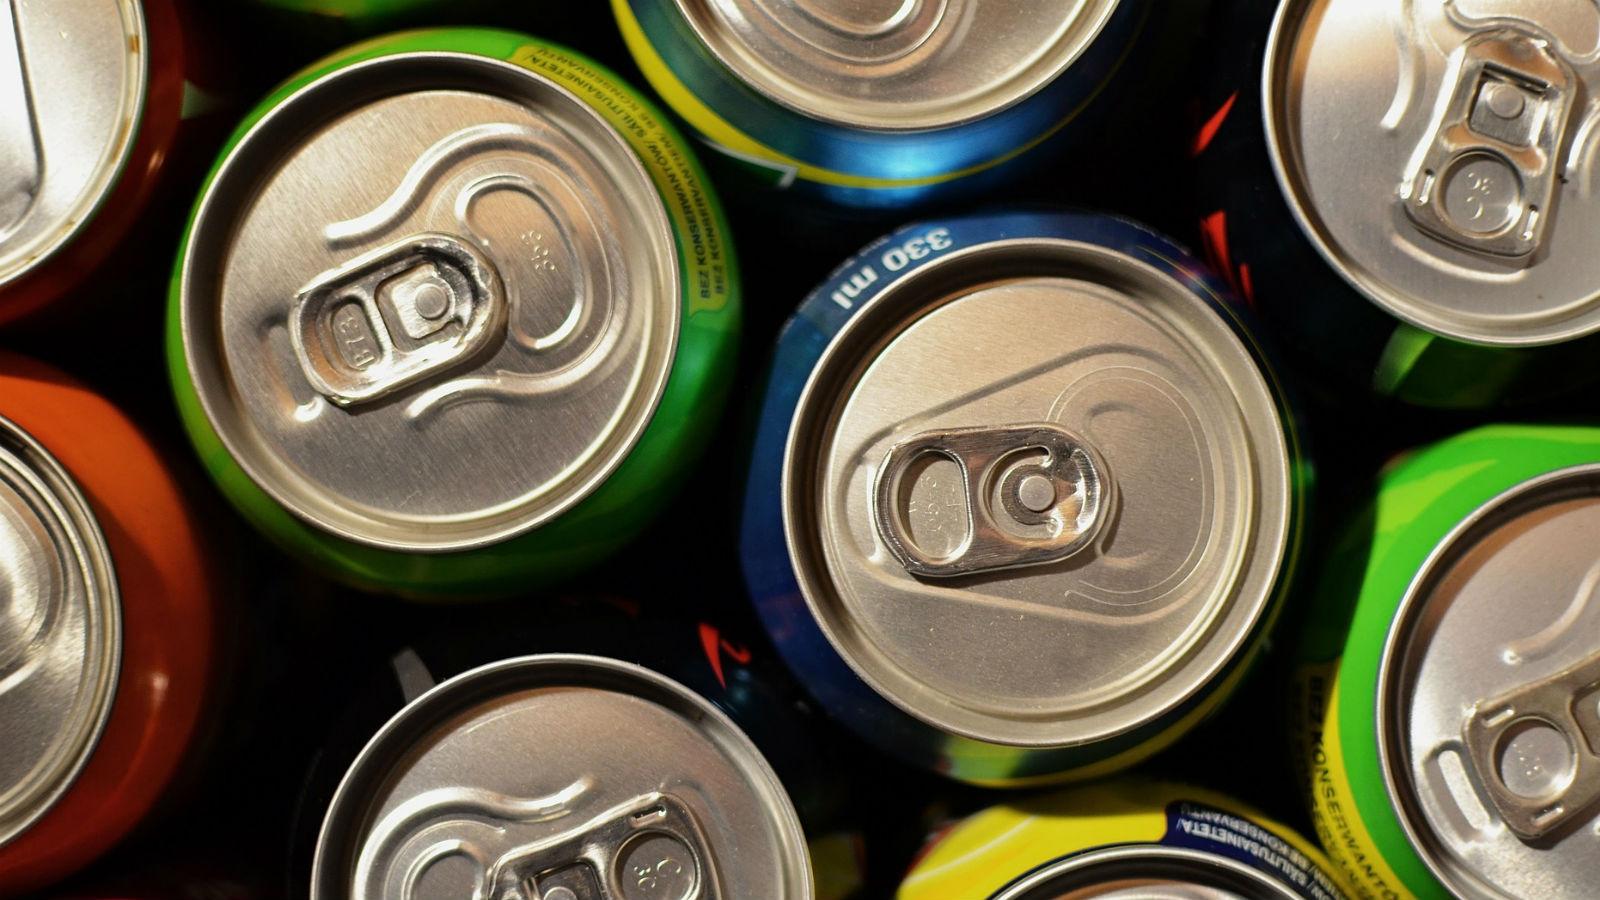 ¿Se te subió la presión arterial? Puede ser culpa de las bebidas azucaradas